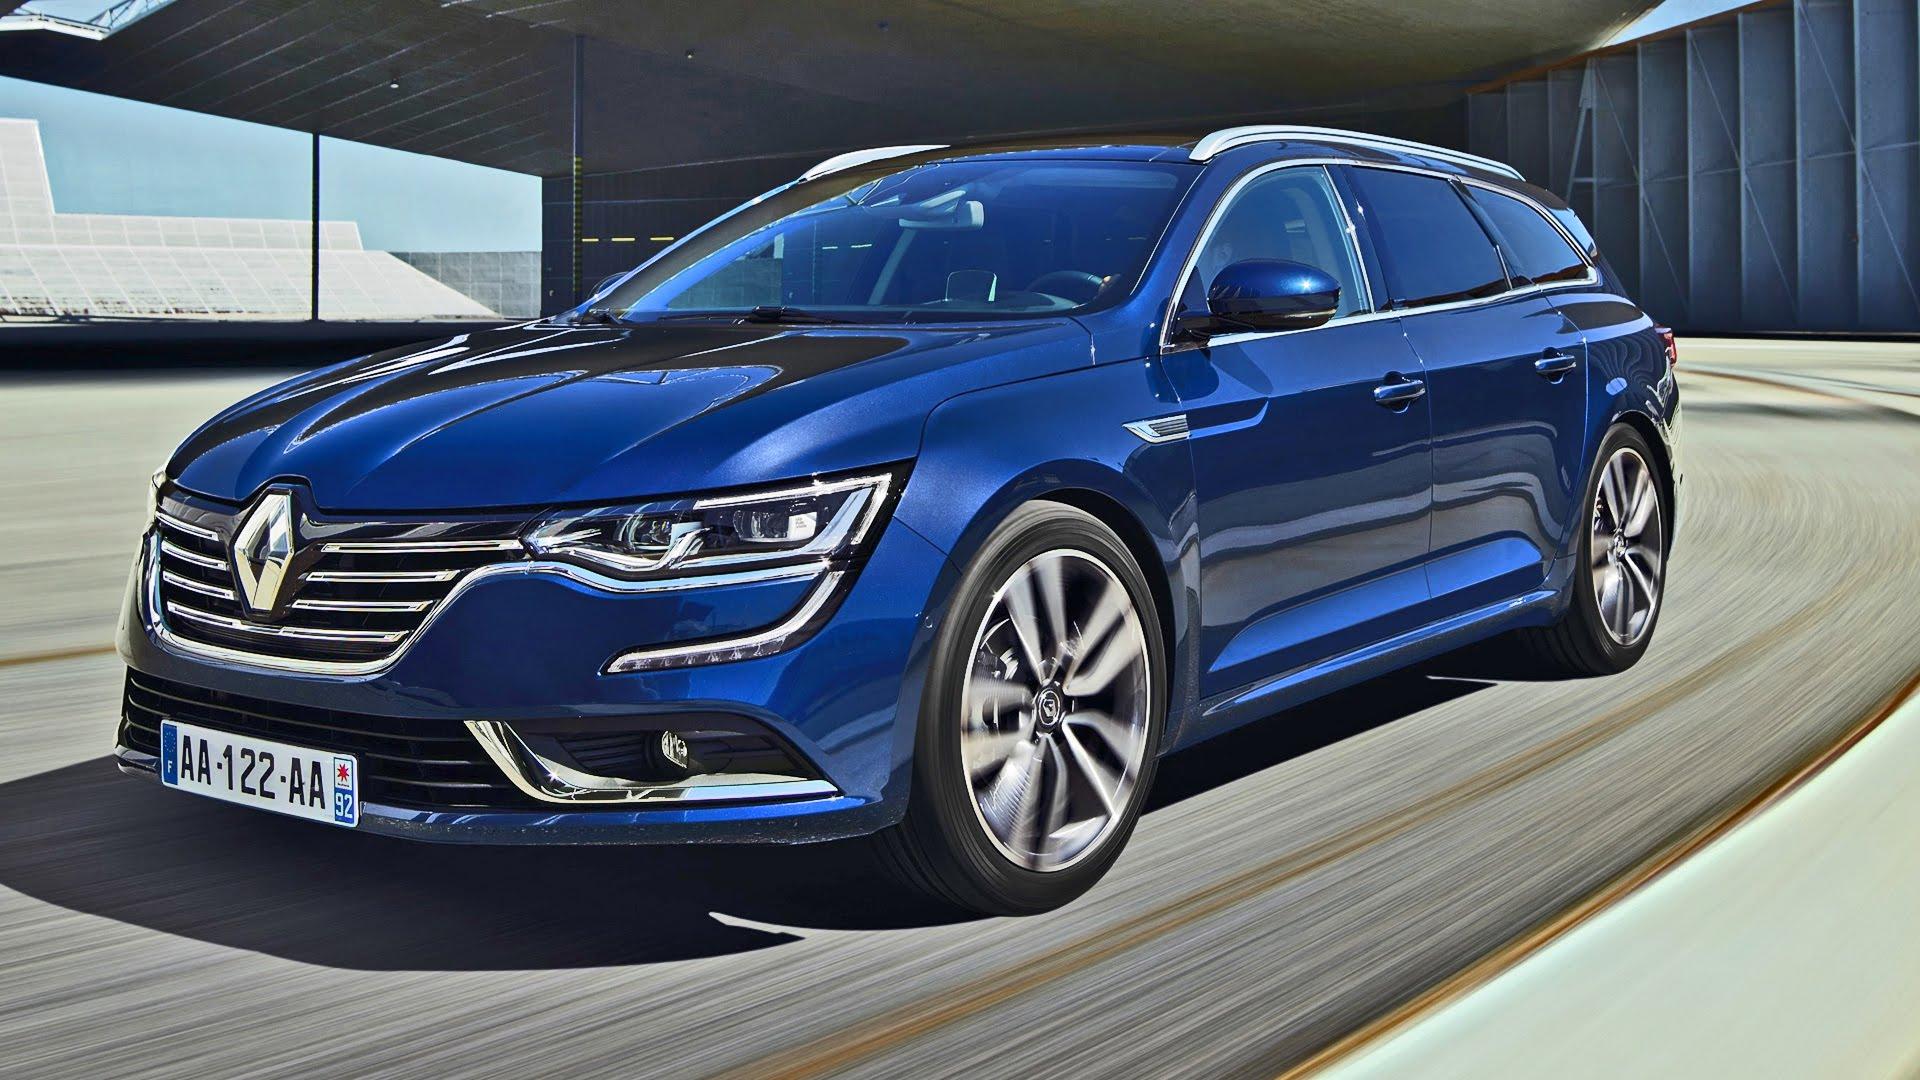 2016 Renault Talisman Renk Seçenekleri - Uygun Taşıt